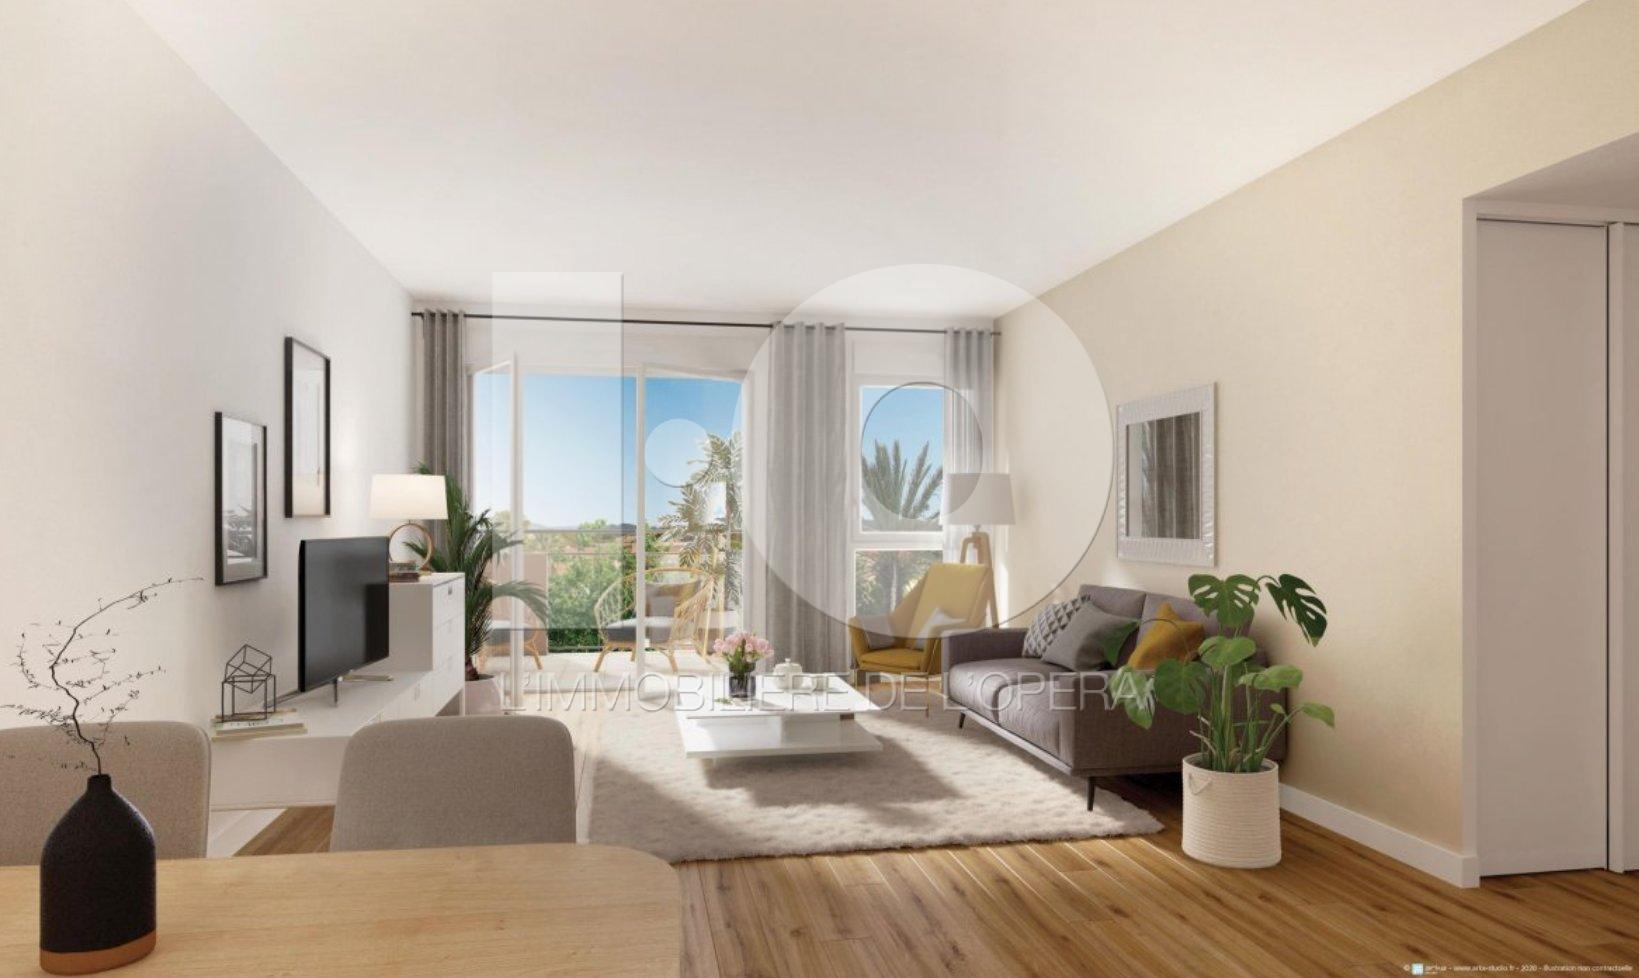 Fréjus - LNMP -Résidence Séniors-  Appartement 3 Pièces de 66m2